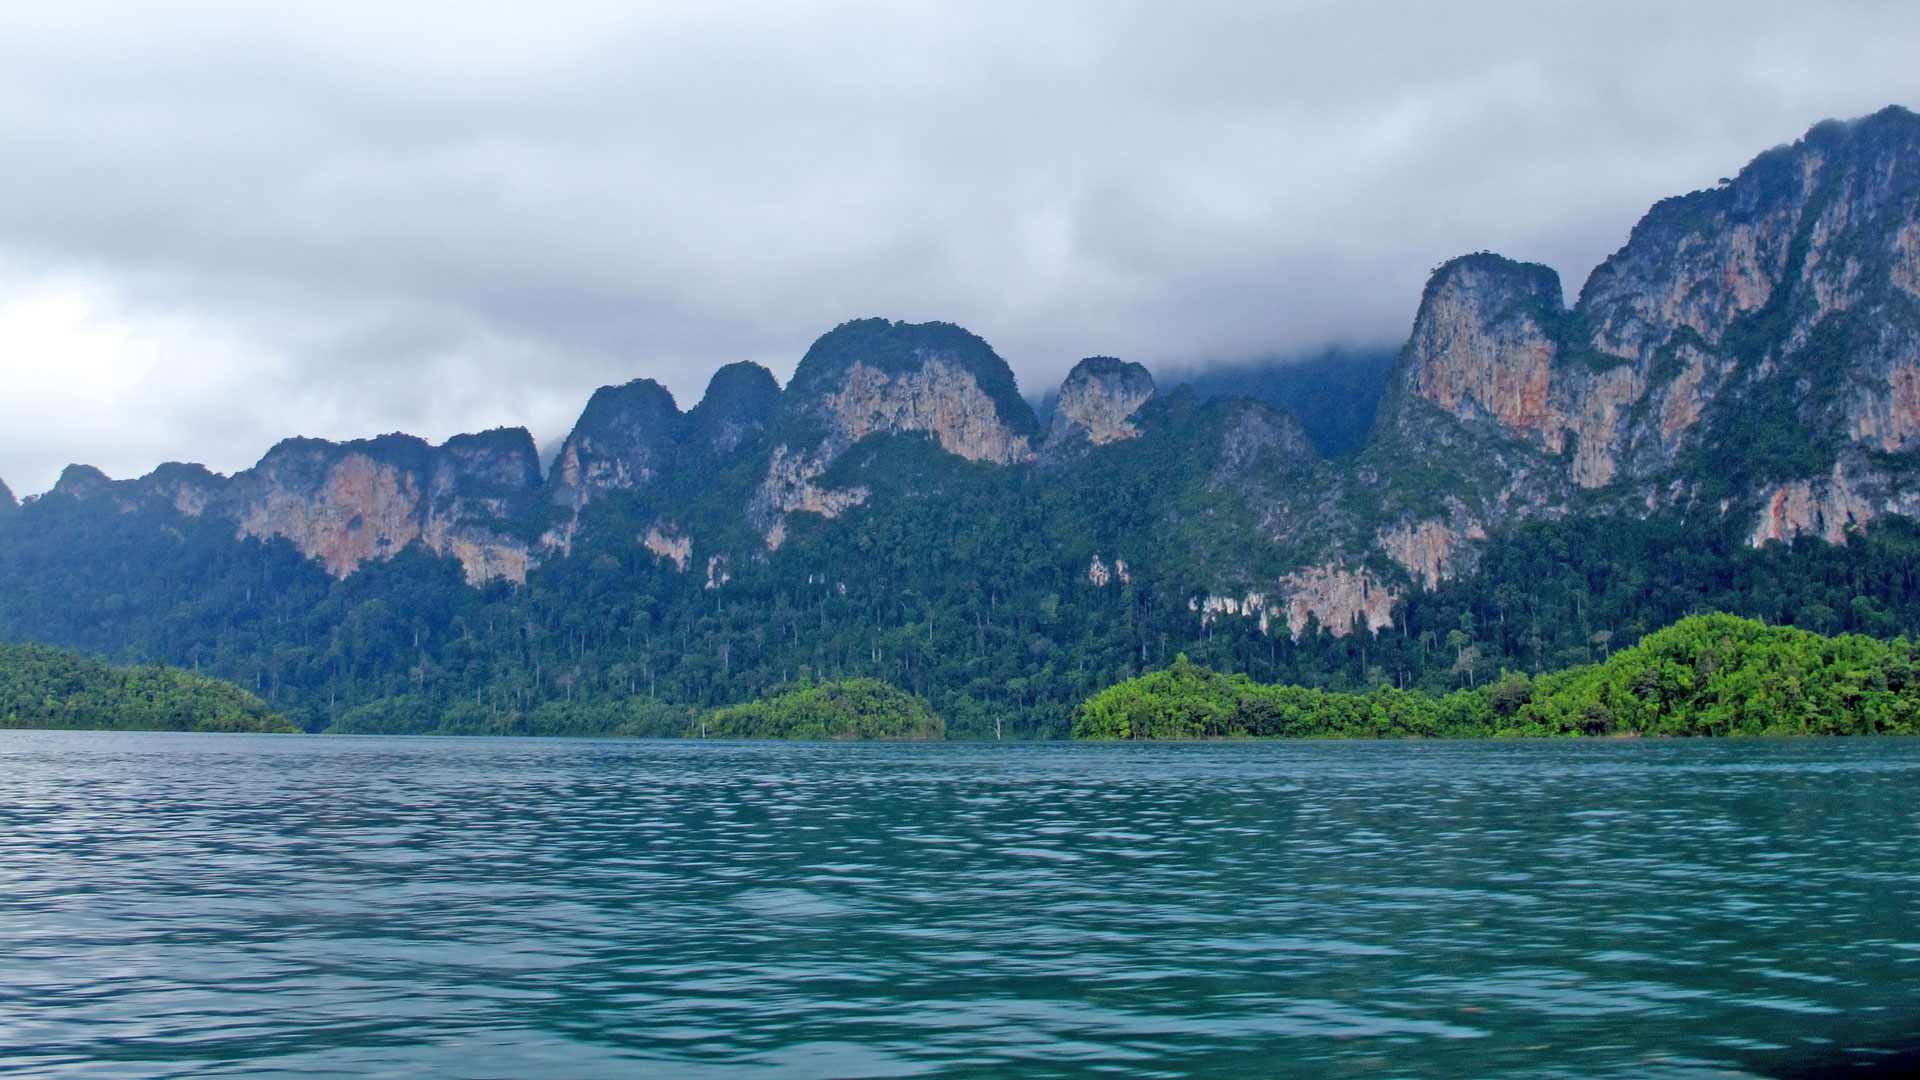 The vivid water of the lake. Photo by Ng Siew Cheng